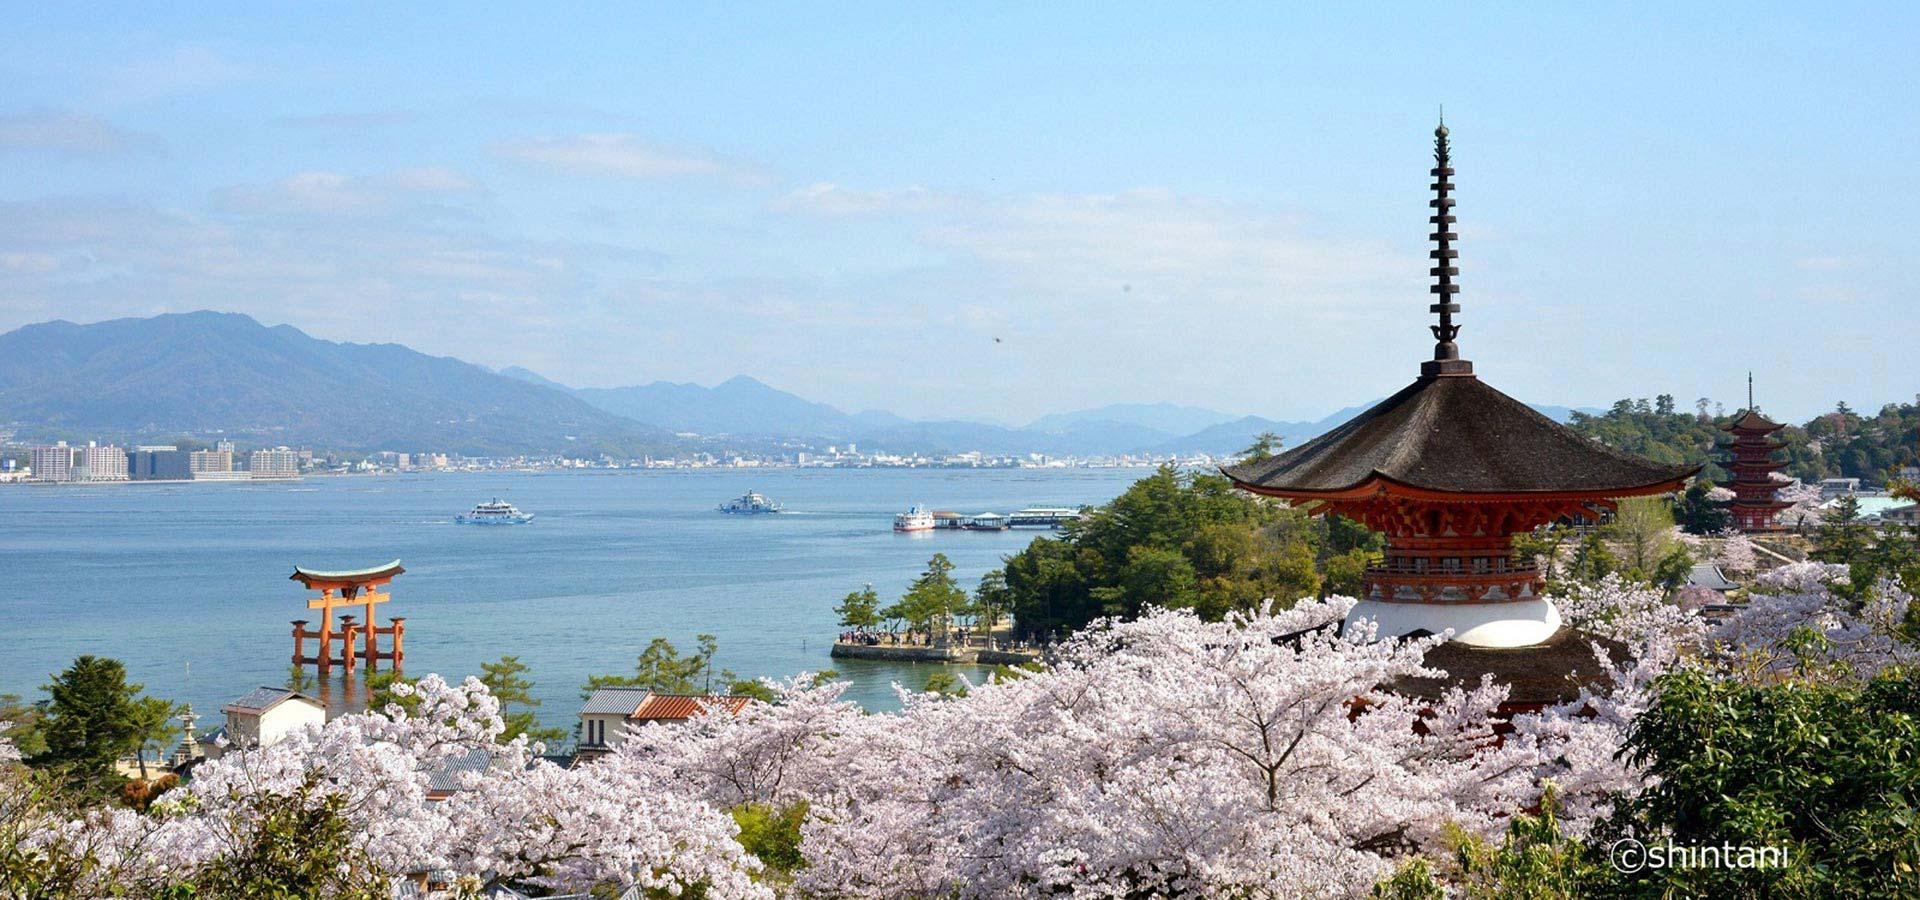 히로시마・세토우치 봄 절경 투어